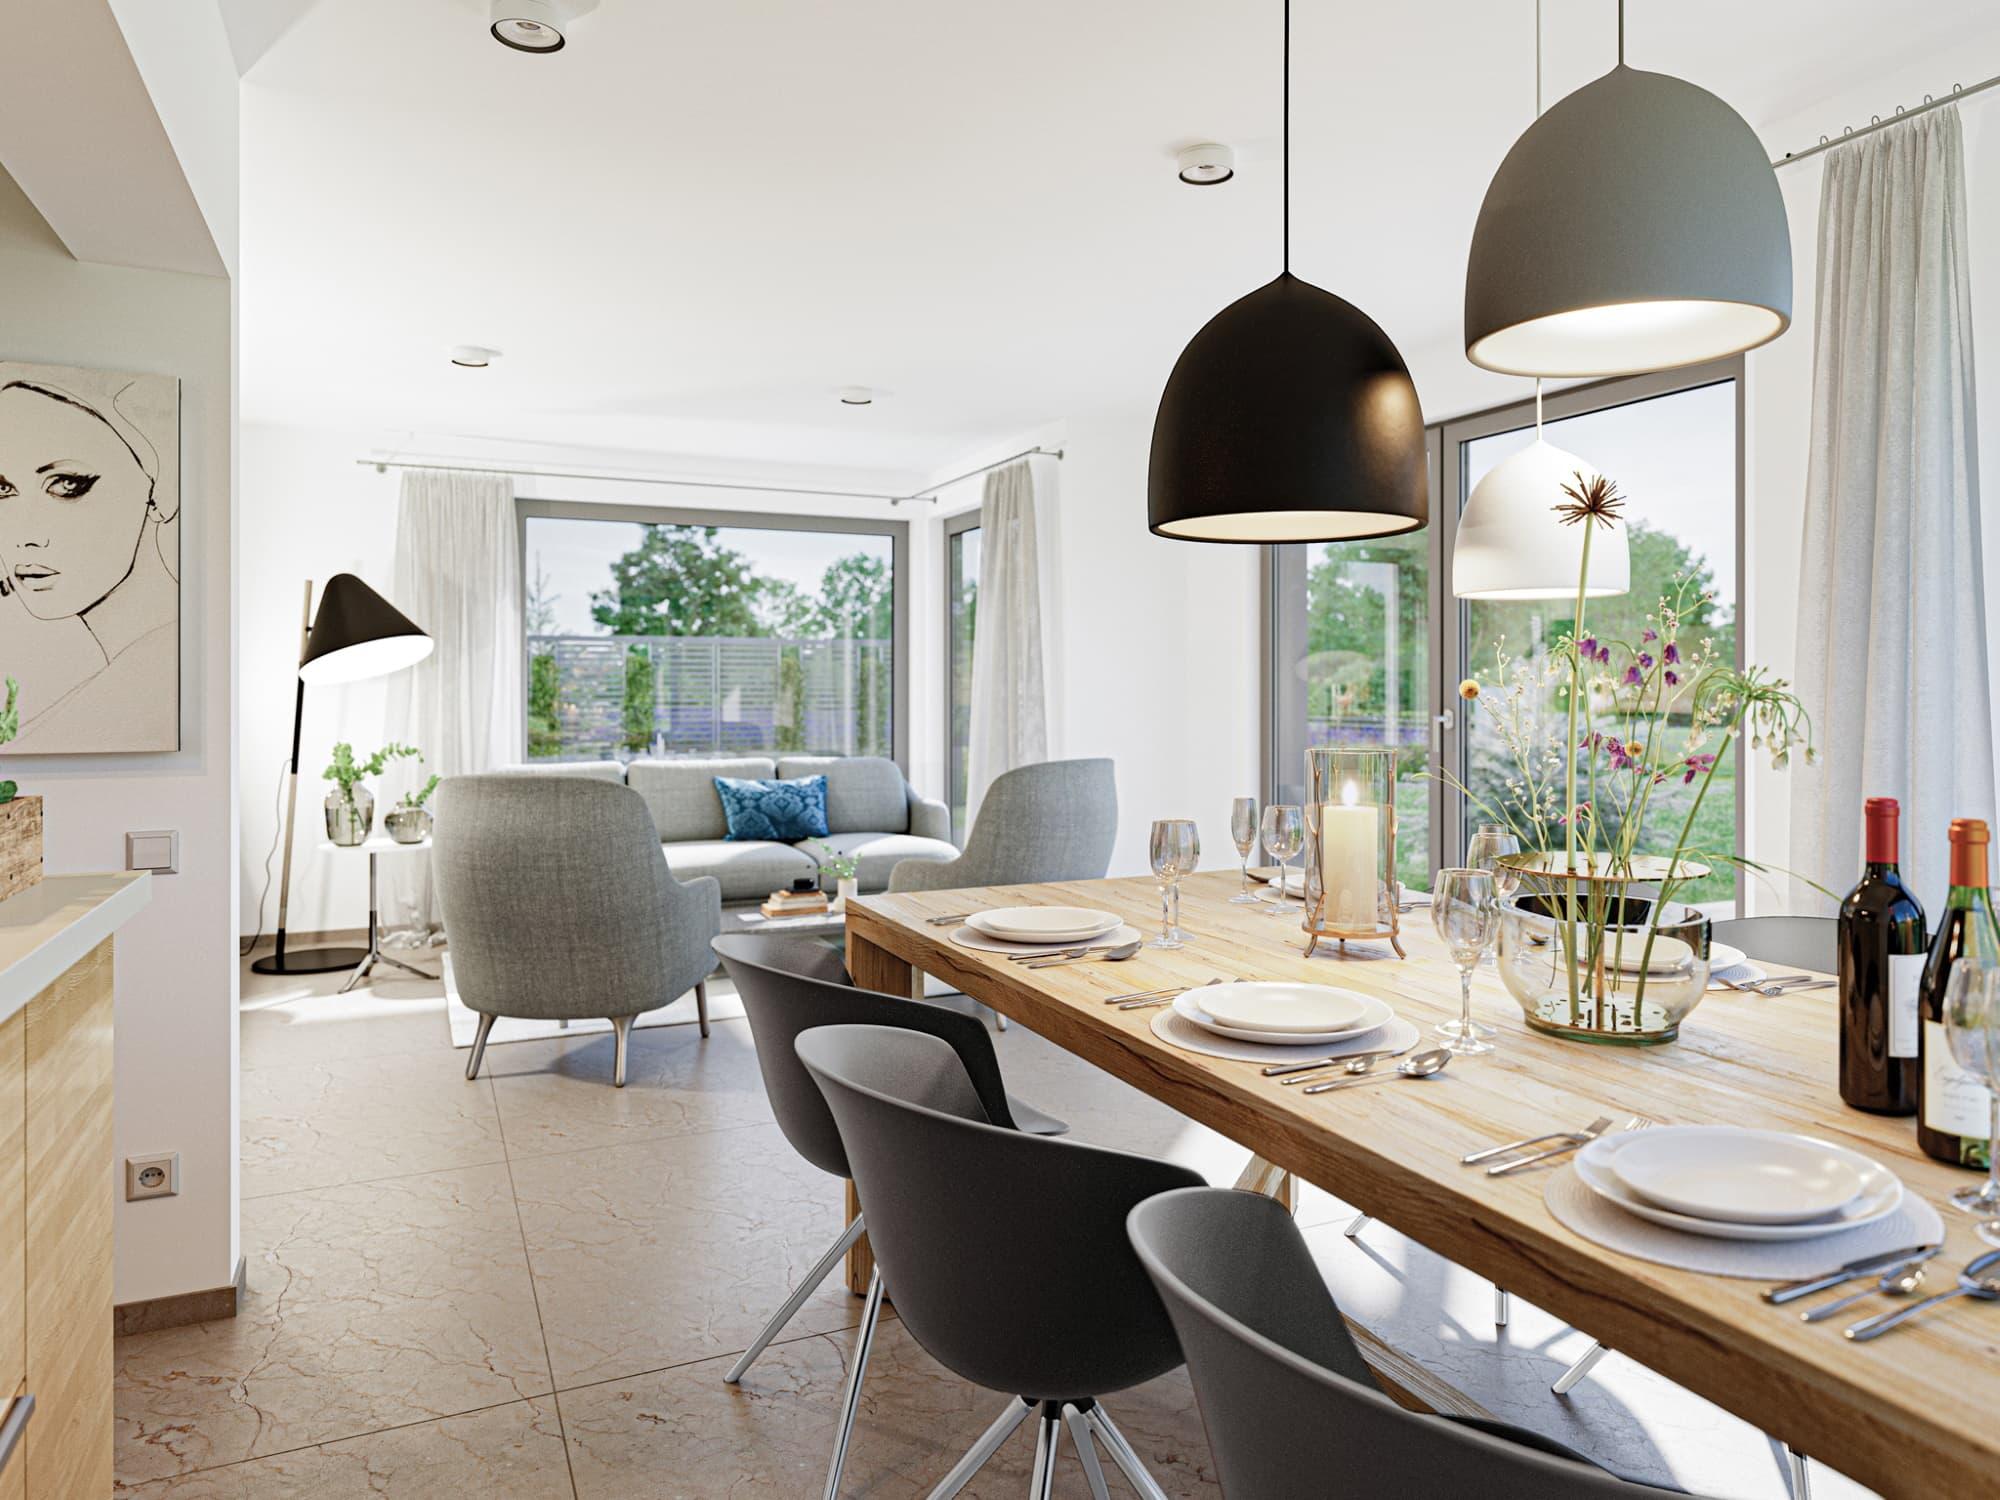 Offenes Wohn- und Esszimmer modern mit großem Esstisch - Haus Design Ideen Inneneinrichtung Stadtvilla Bien Zenker Fertighaus EDITION 123 V5 - HausbauDirekt.de